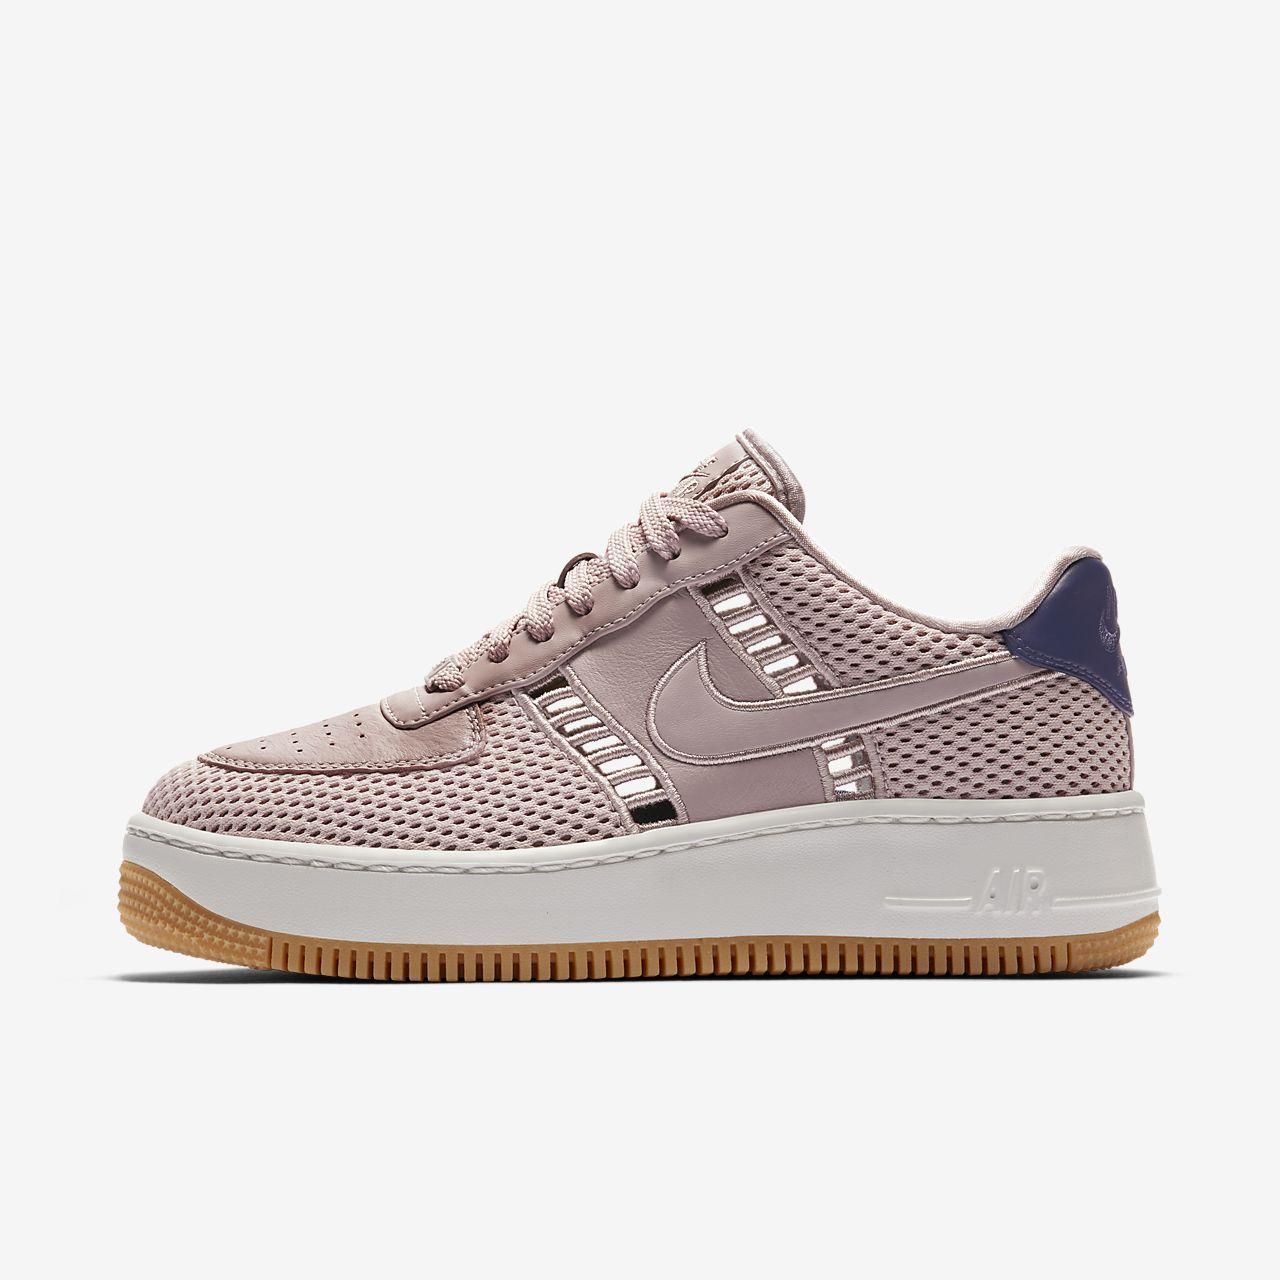 meet d03bc c6a39 Nike Air Force 1 Upstep SI Women s Shoe Air Force 1, Nike Air Force,